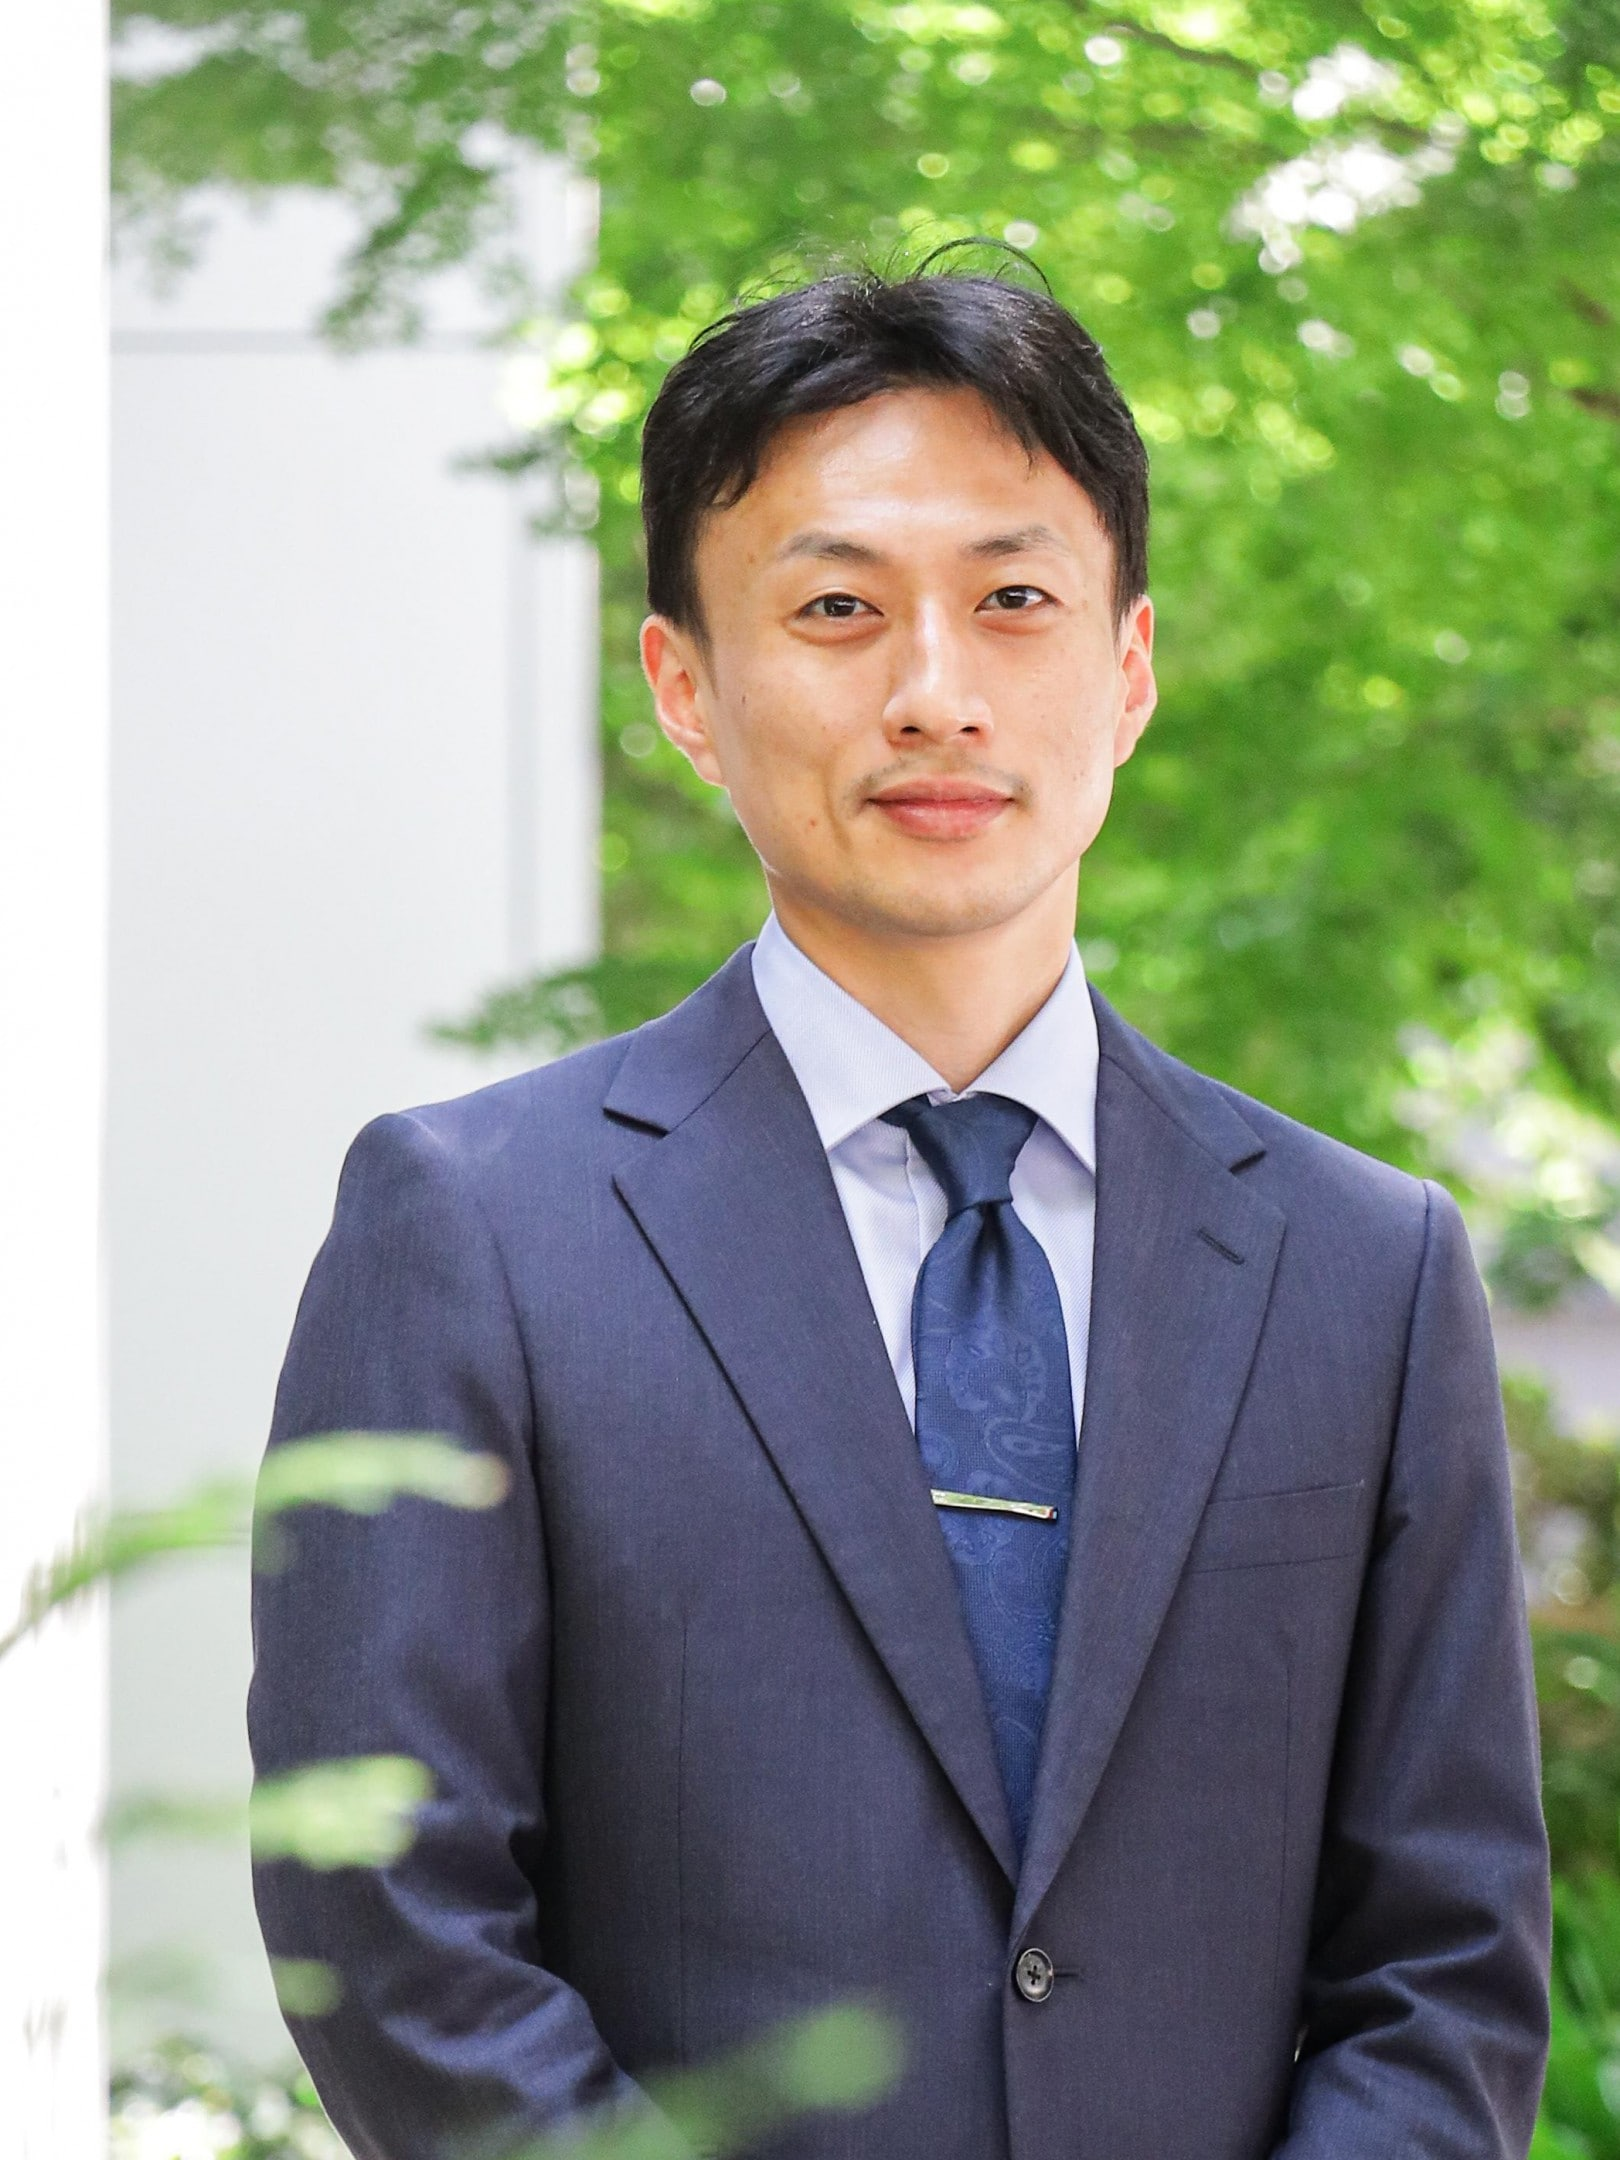 弁護士法人東京スタートアップ法律事務所 安田 剛弁護士